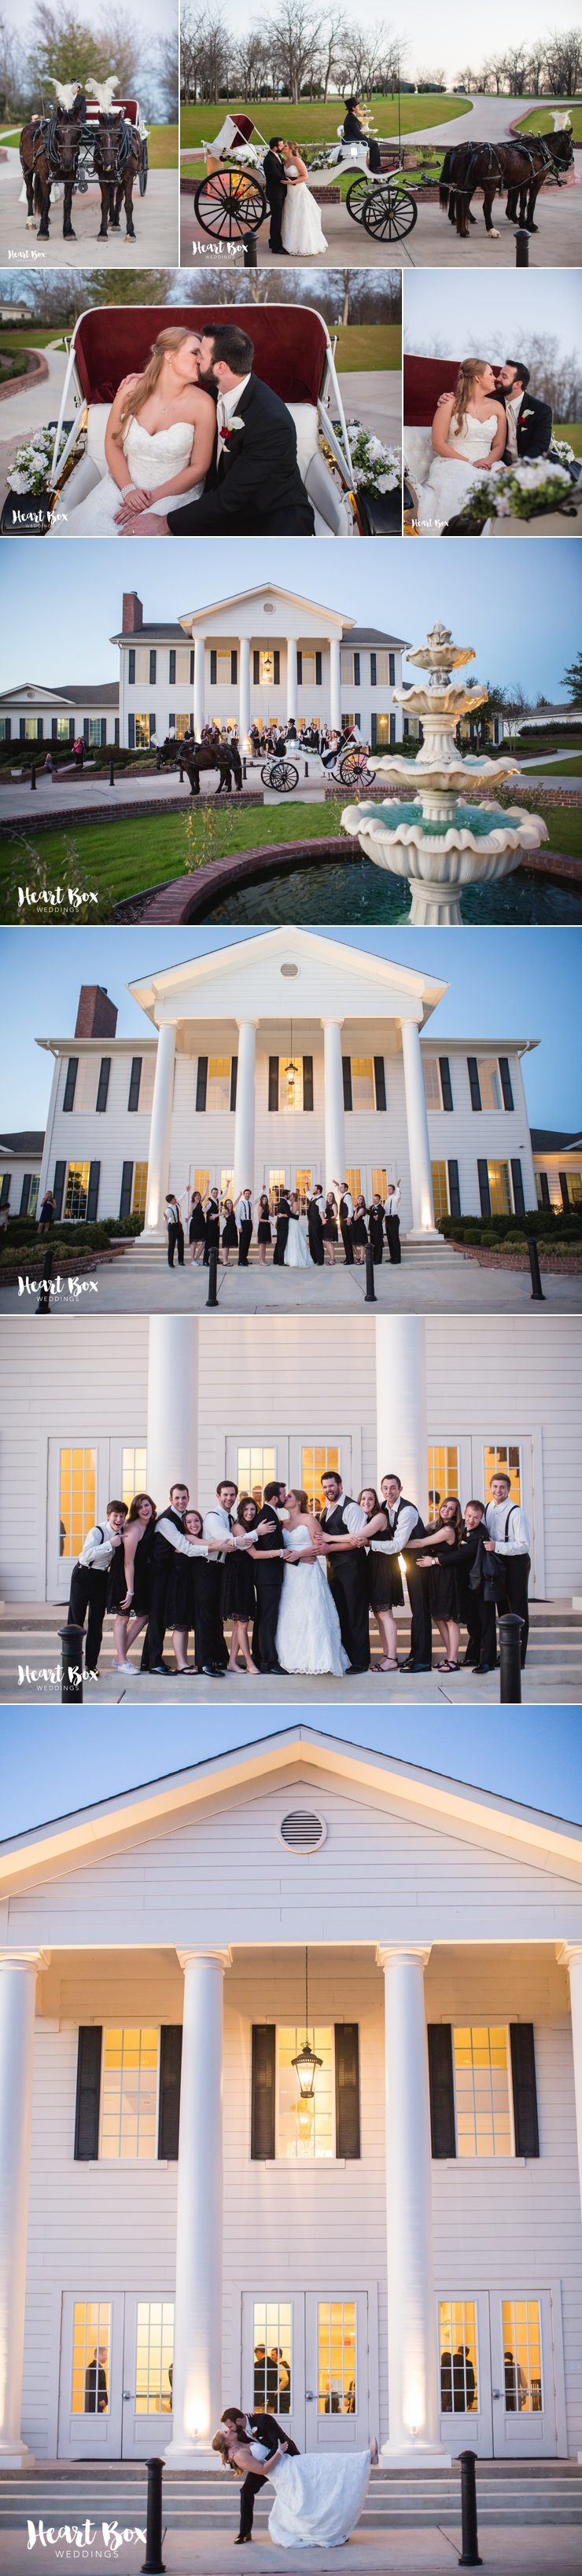 Vanderpool Wedding - Blog Collages 13.jpg